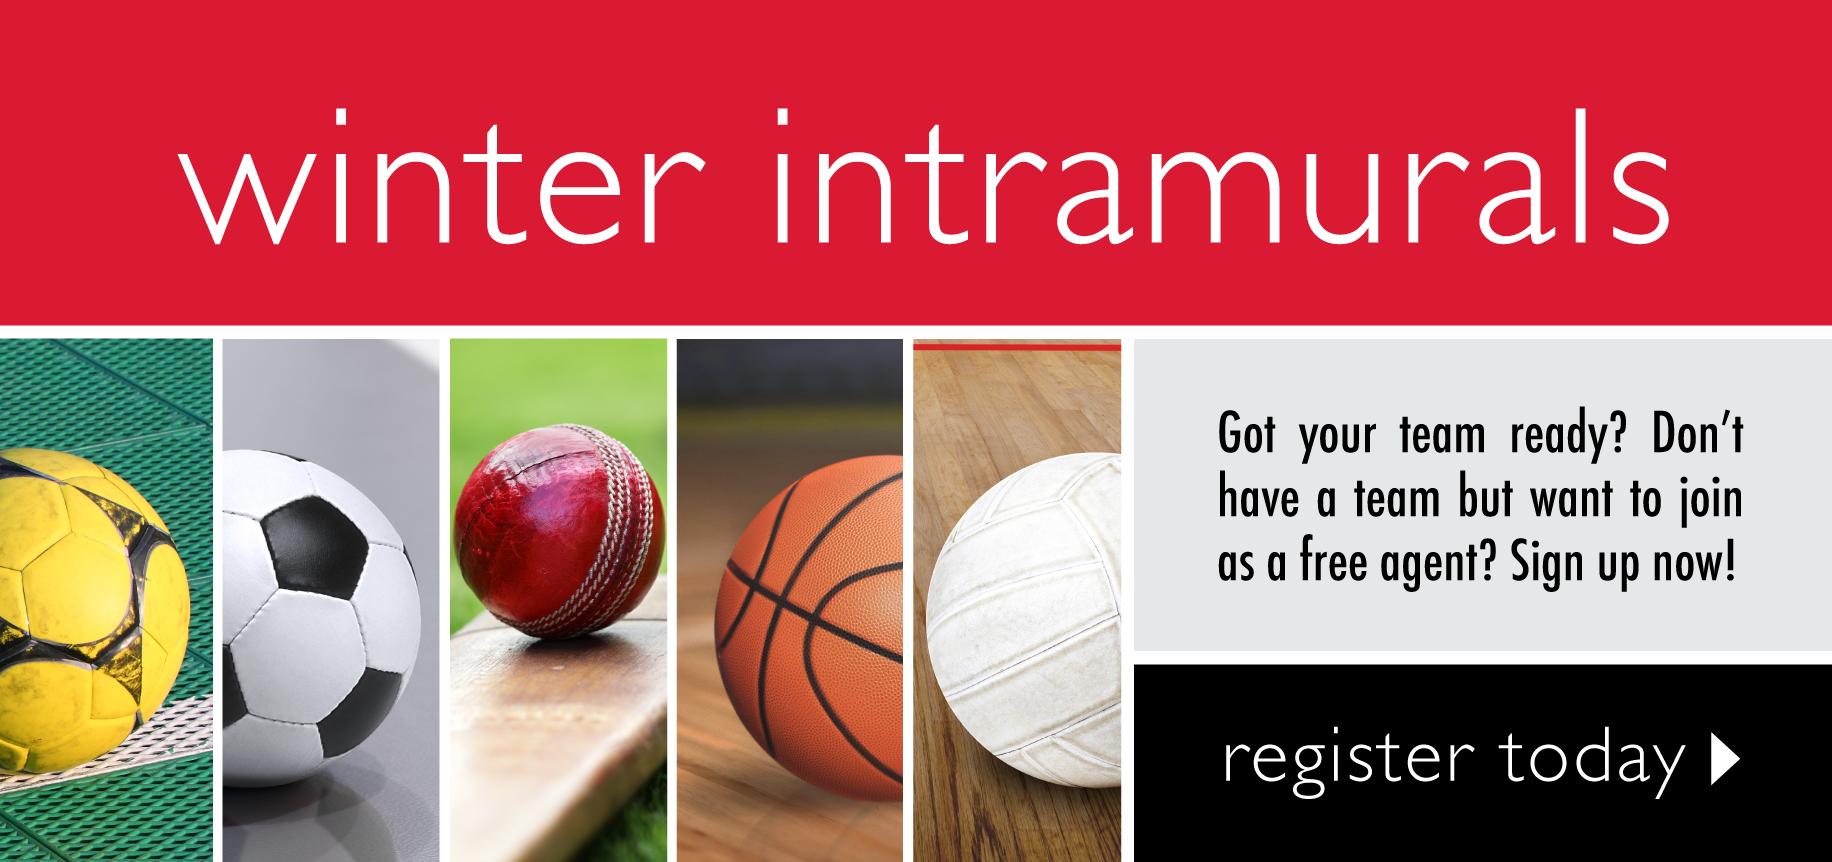 Rec_Intramurals_Winter_WebBanner_S19_KP